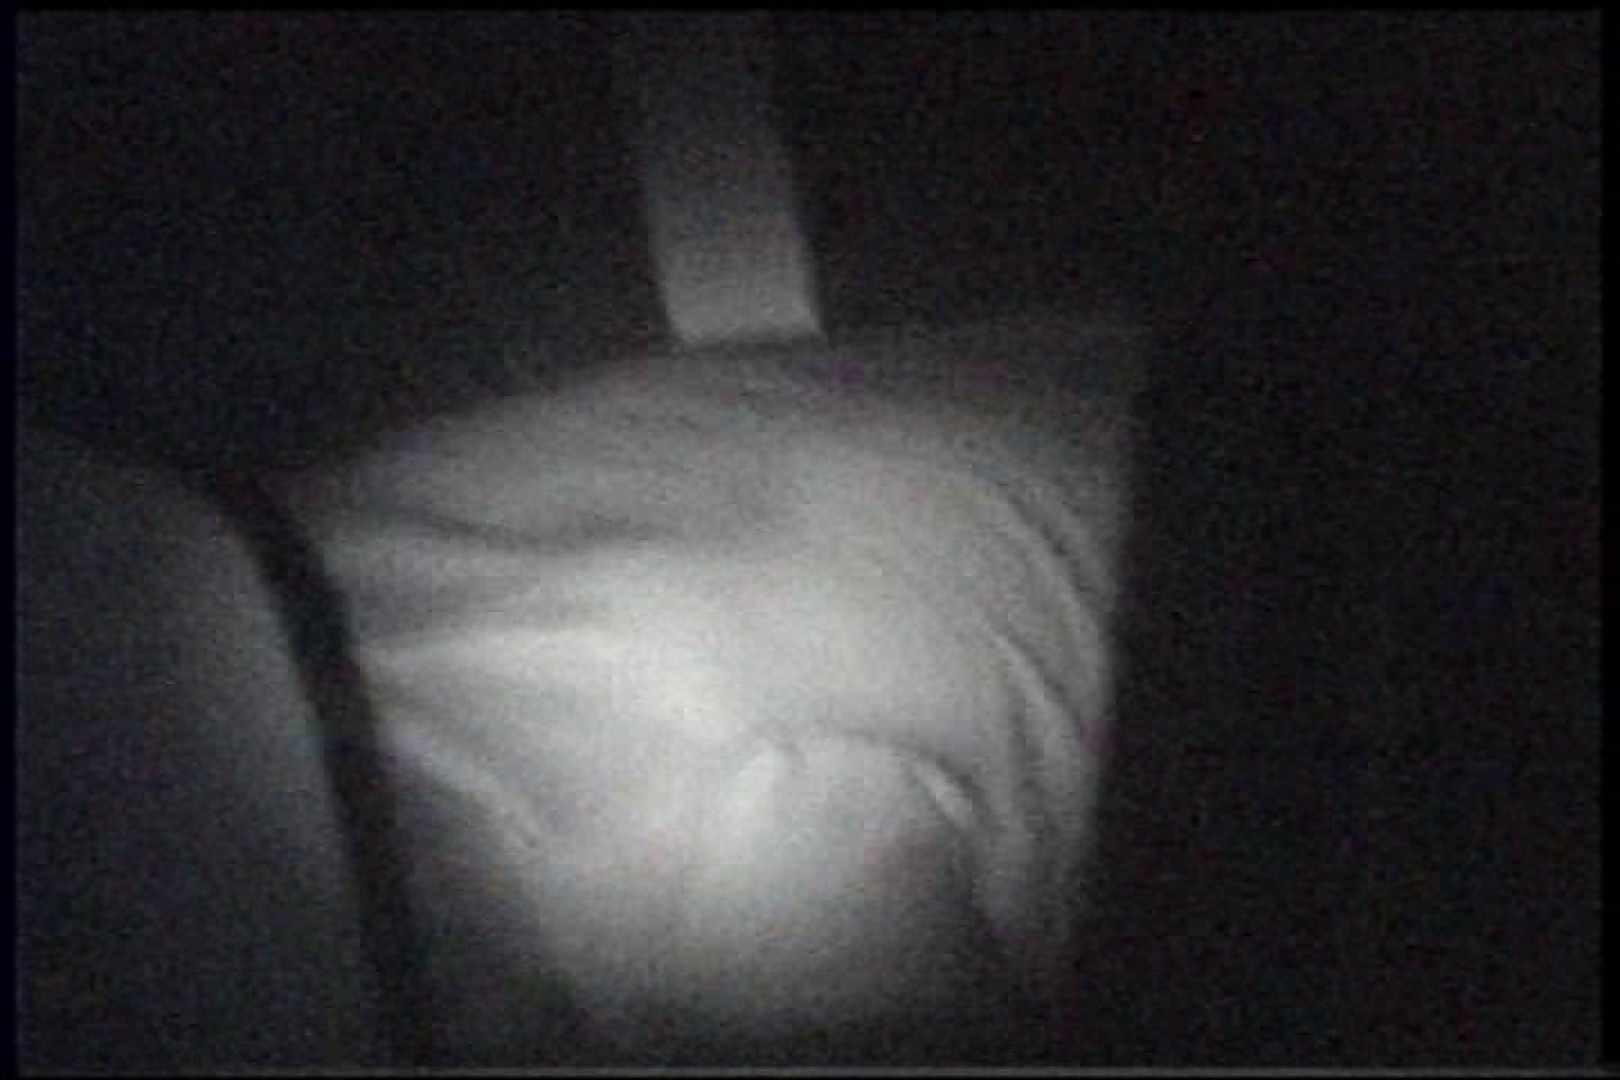 充血監督の深夜の運動会Vol.238 プライベート  92画像 30